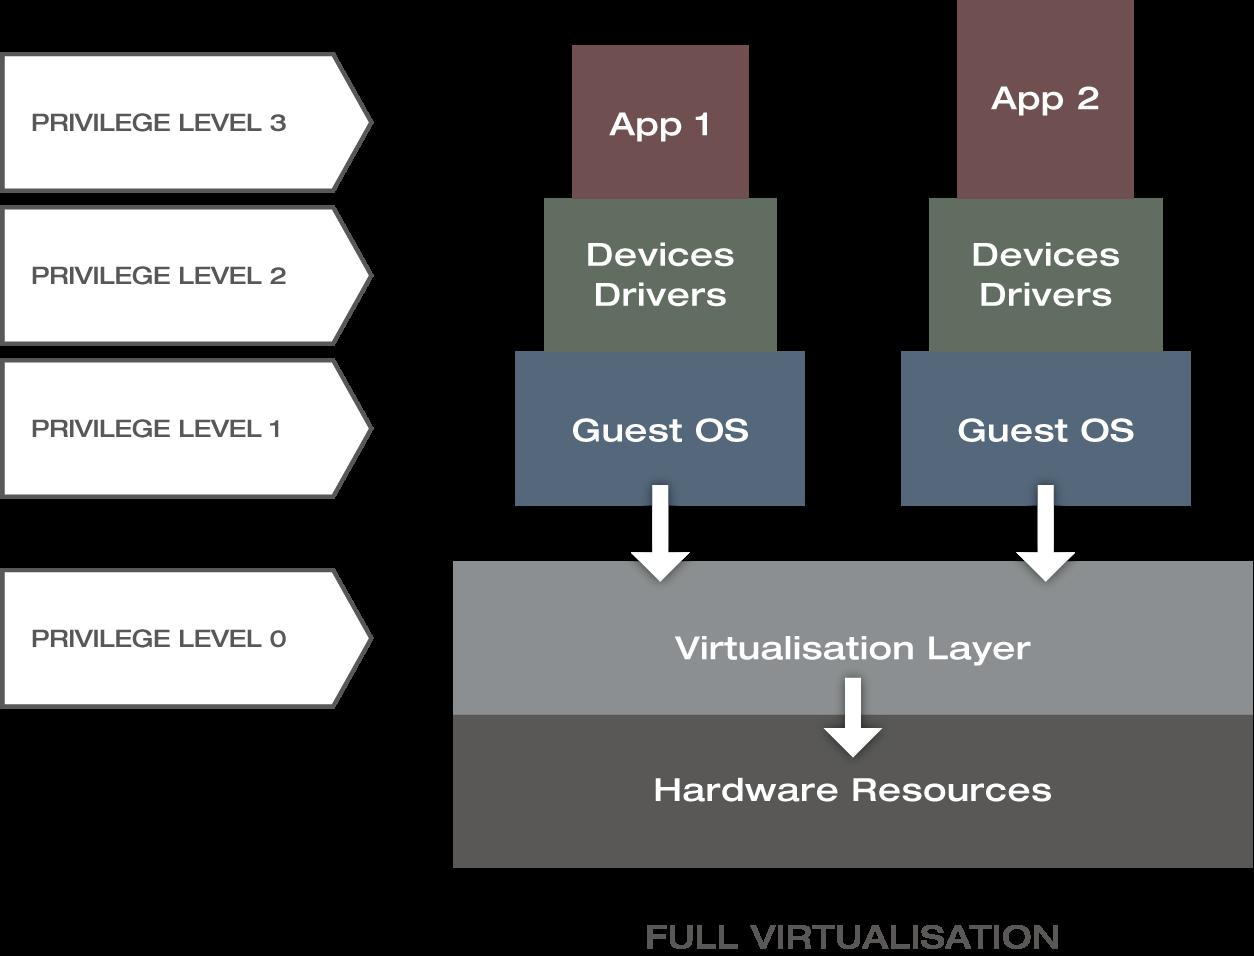 Berechtigungsstufen bei der vollständigen Virtualisierung | Xantaro